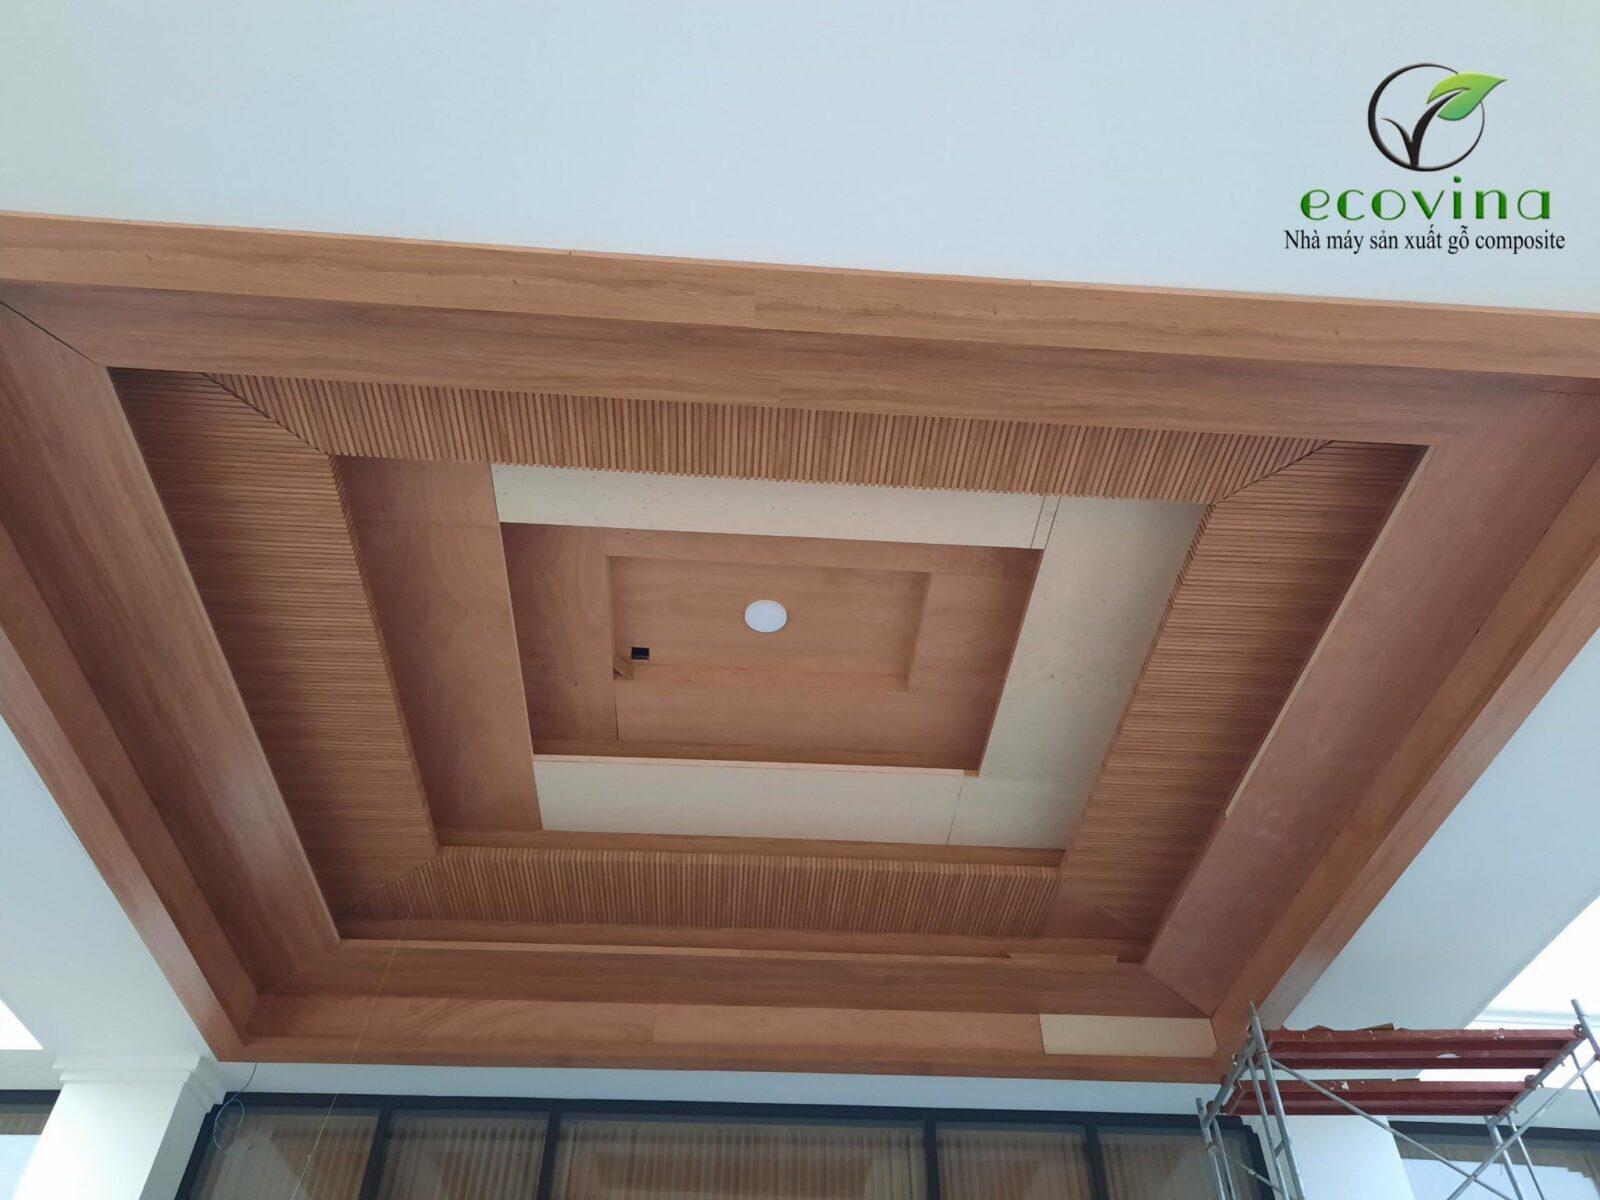 Thi công ốp trần gỗ nhựa composite tại Ninh Bình 2020